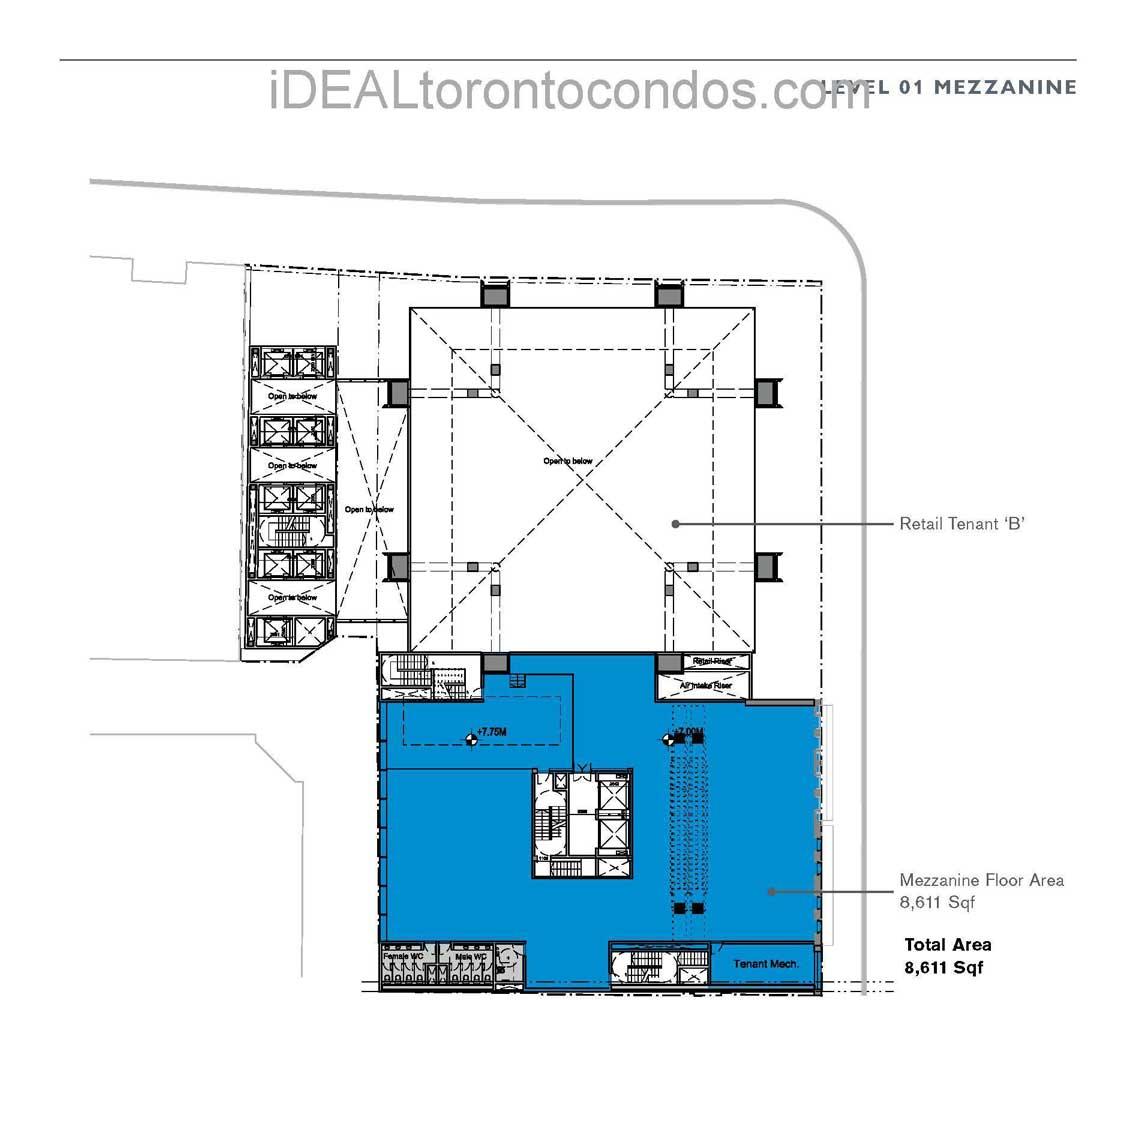 Level 01 Mezzanine